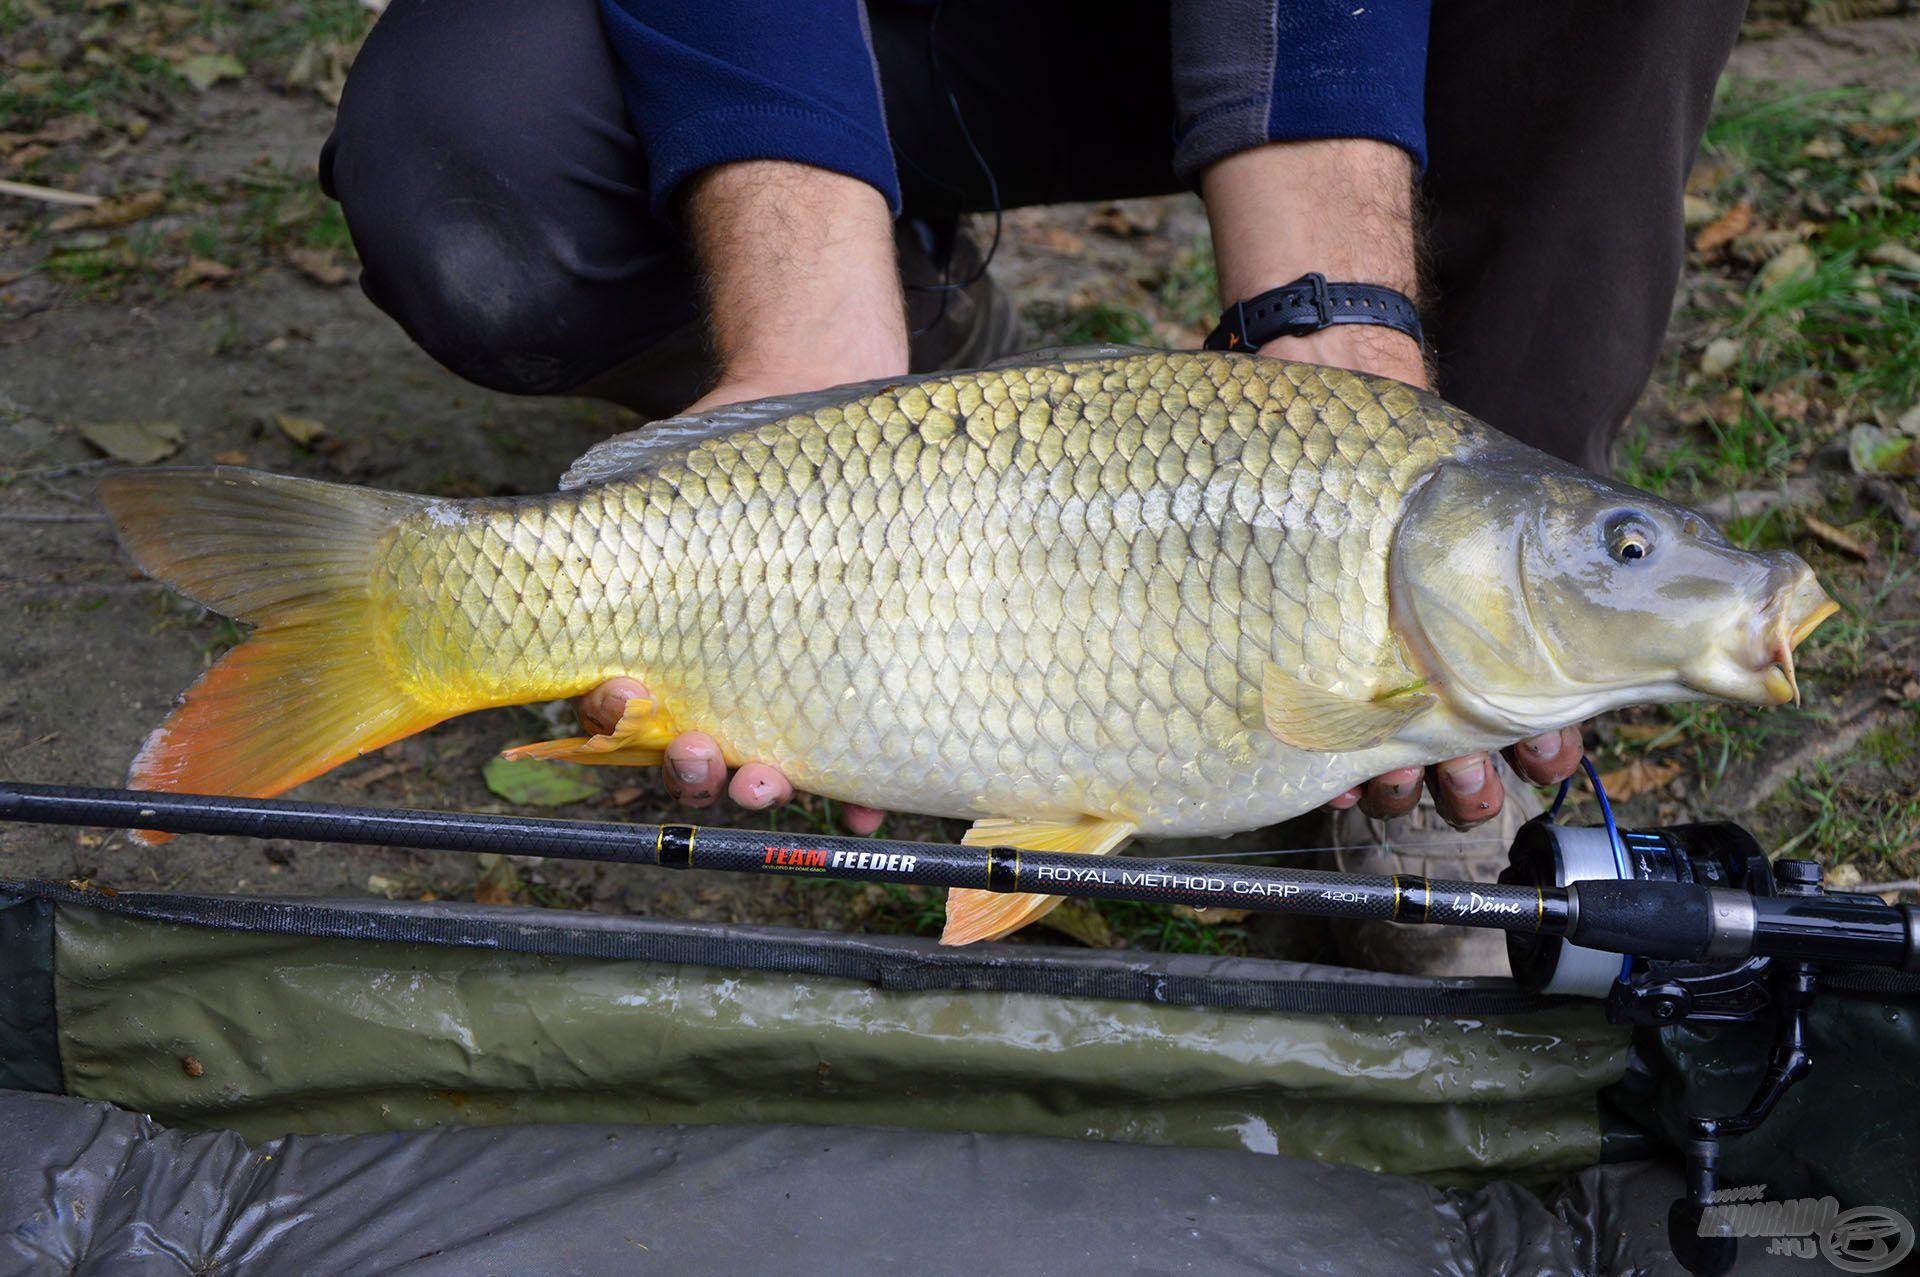 Termetes halak horgászatához is alkalmas ez a bot, de megállja a helyét gyors, pörgős, versenyszerű method horgászat közben is, ahol átlag méretű halakból kell sokat és nagy biztonsággal megfogni